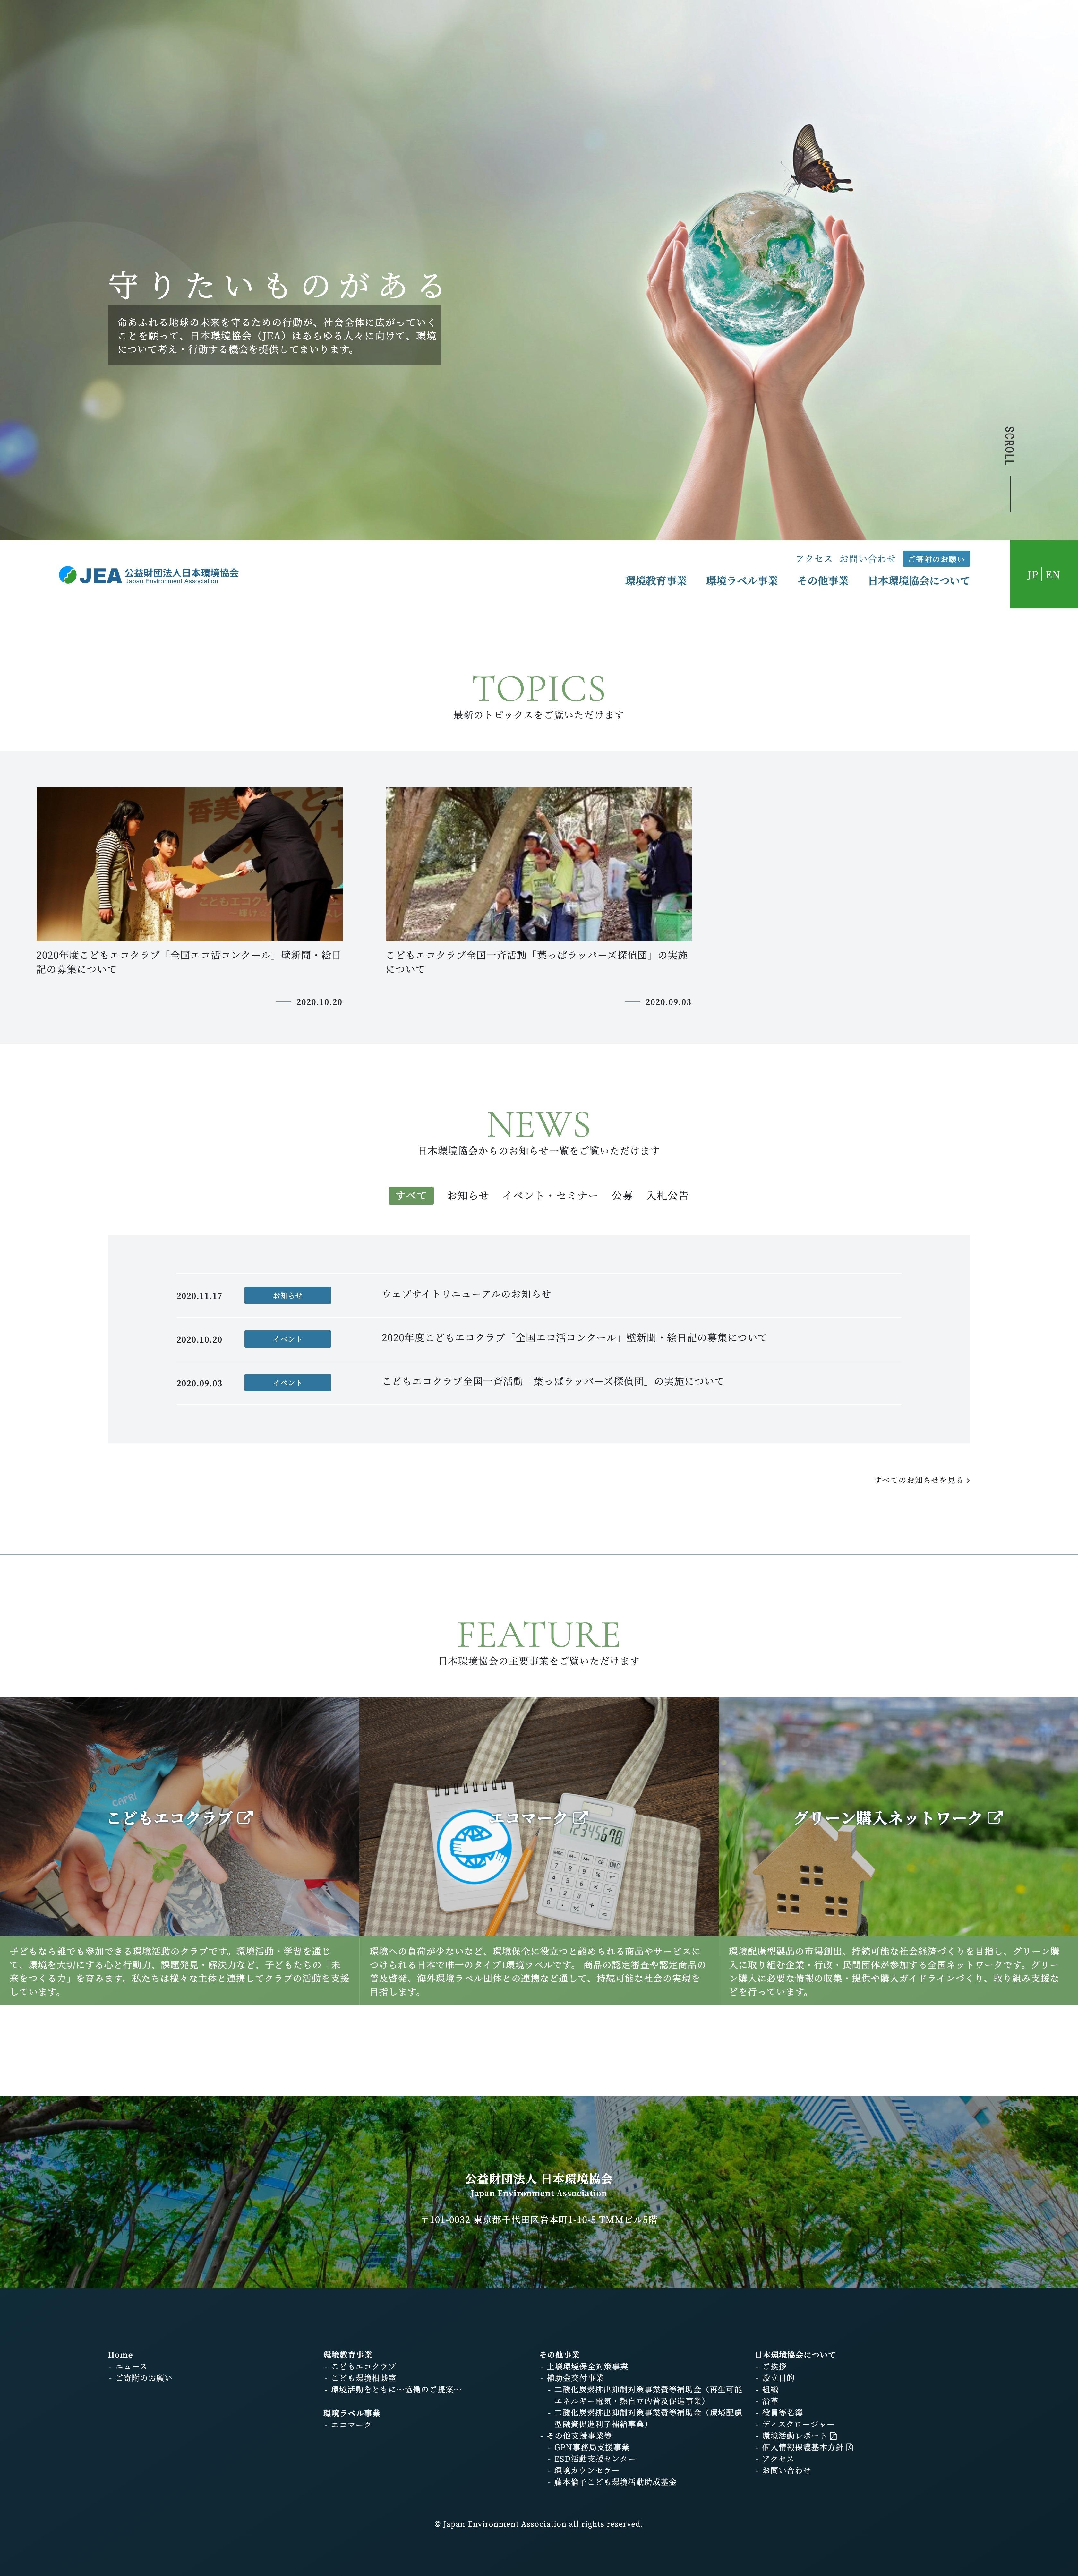 日本環境協会様のホームページをリニューアルしましたスマートフォンの見た目